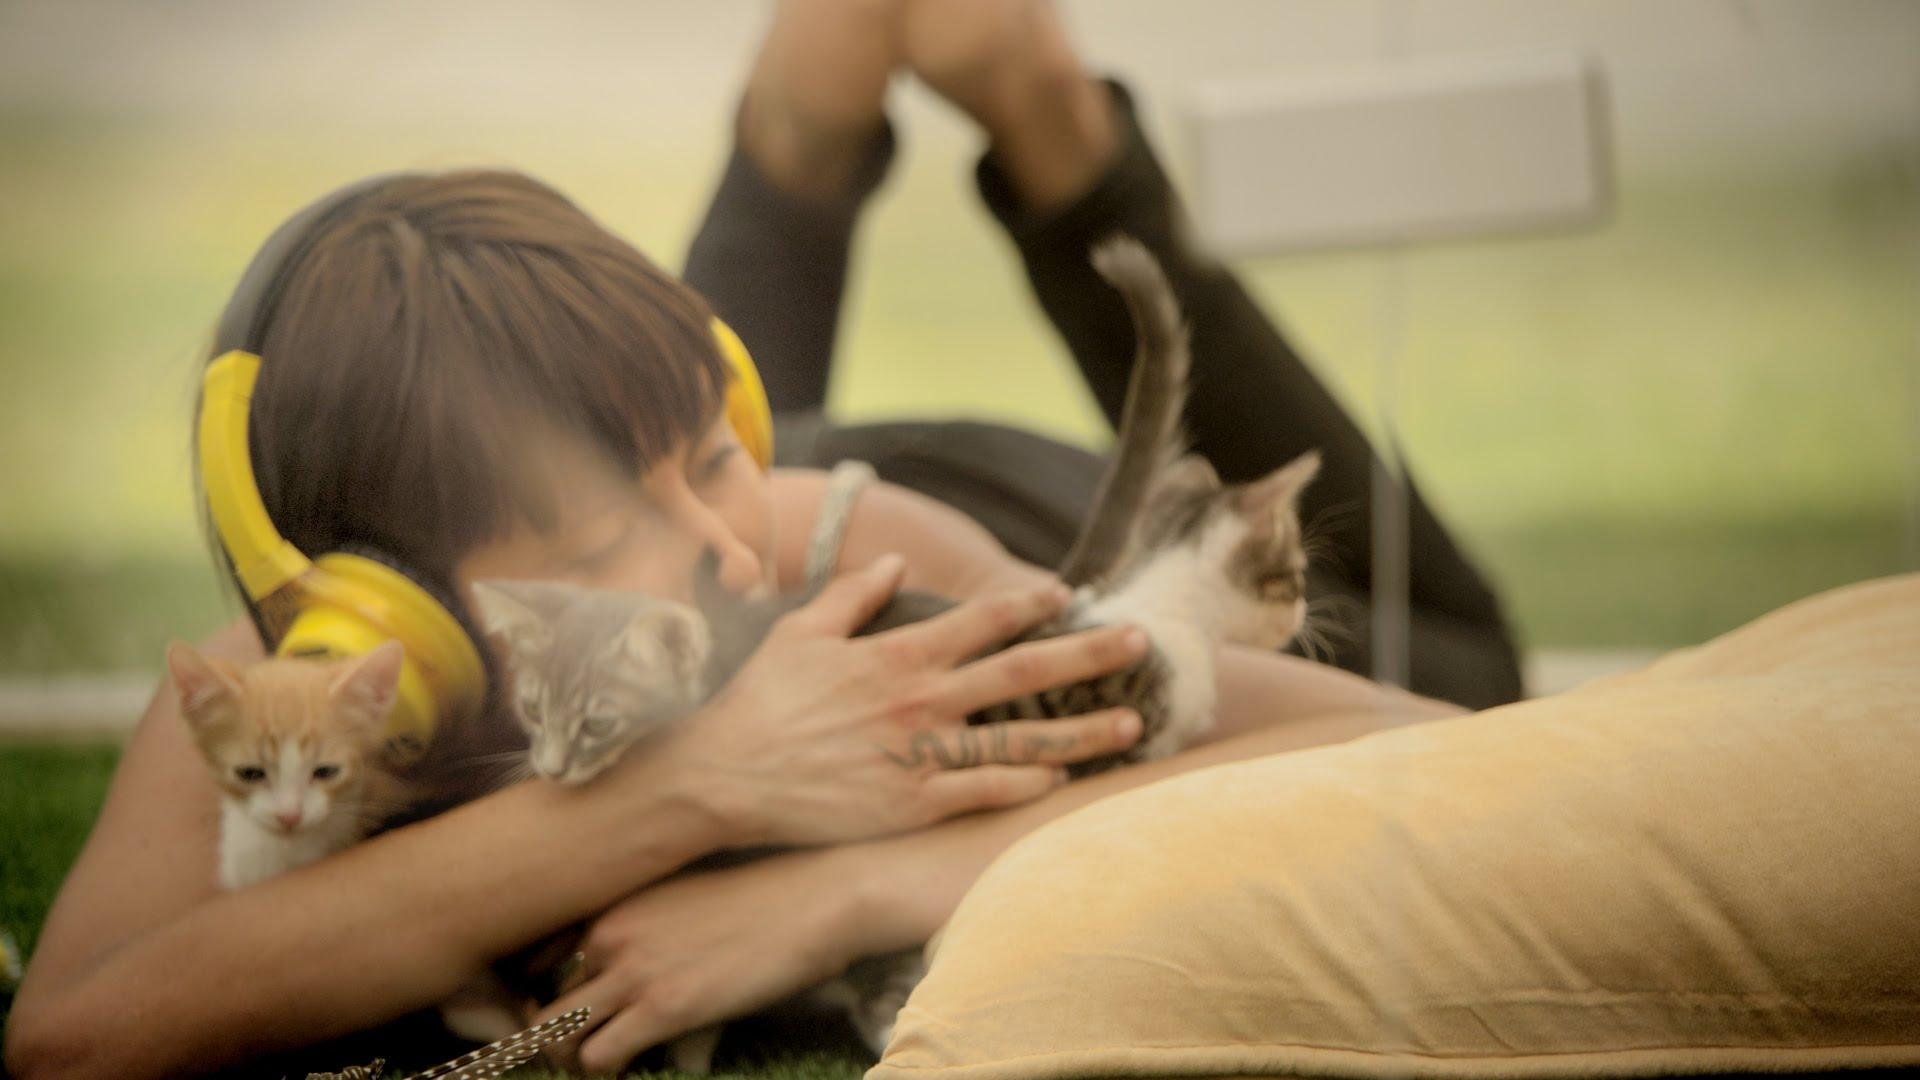 壓力大嗎?試試貓咪紓壓法